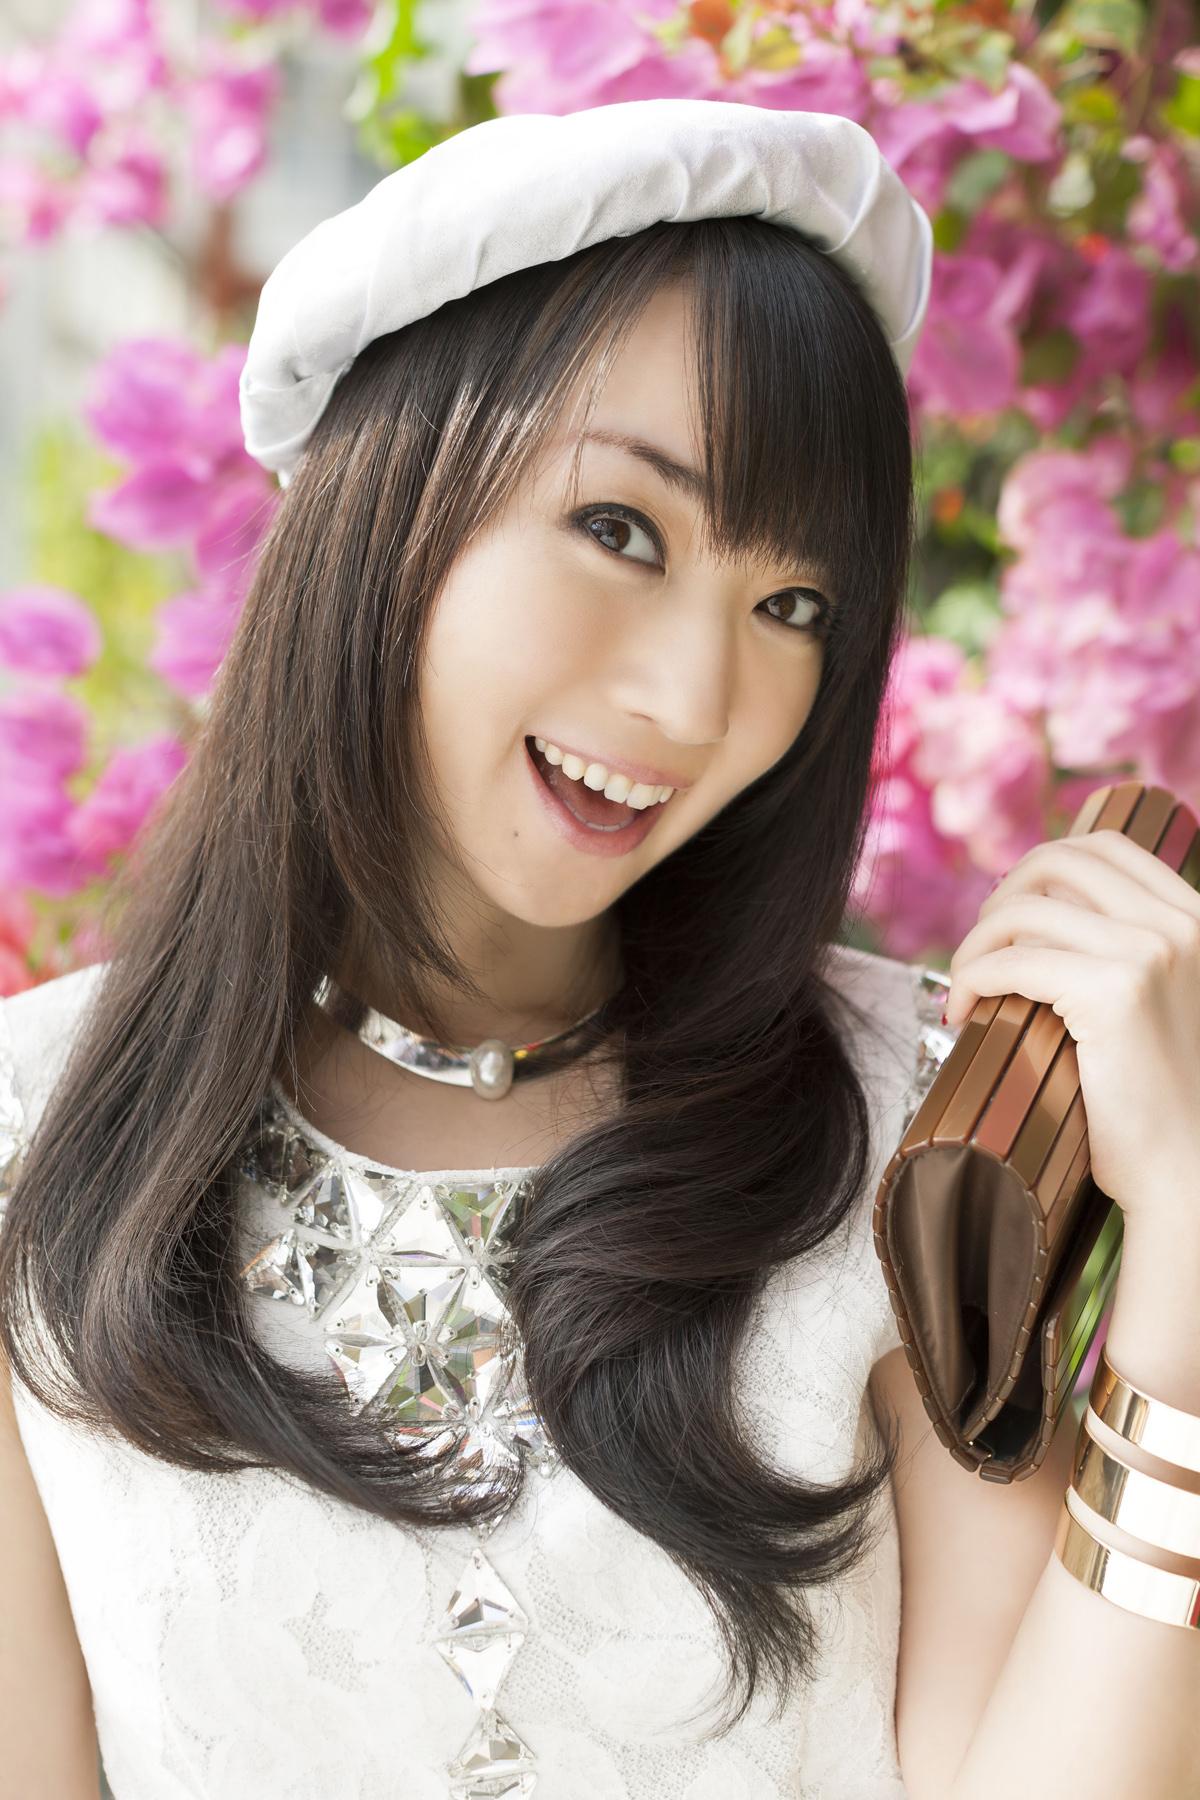 http://www.atpress.ne.jp/releases/45099/img_45099_1.jpg